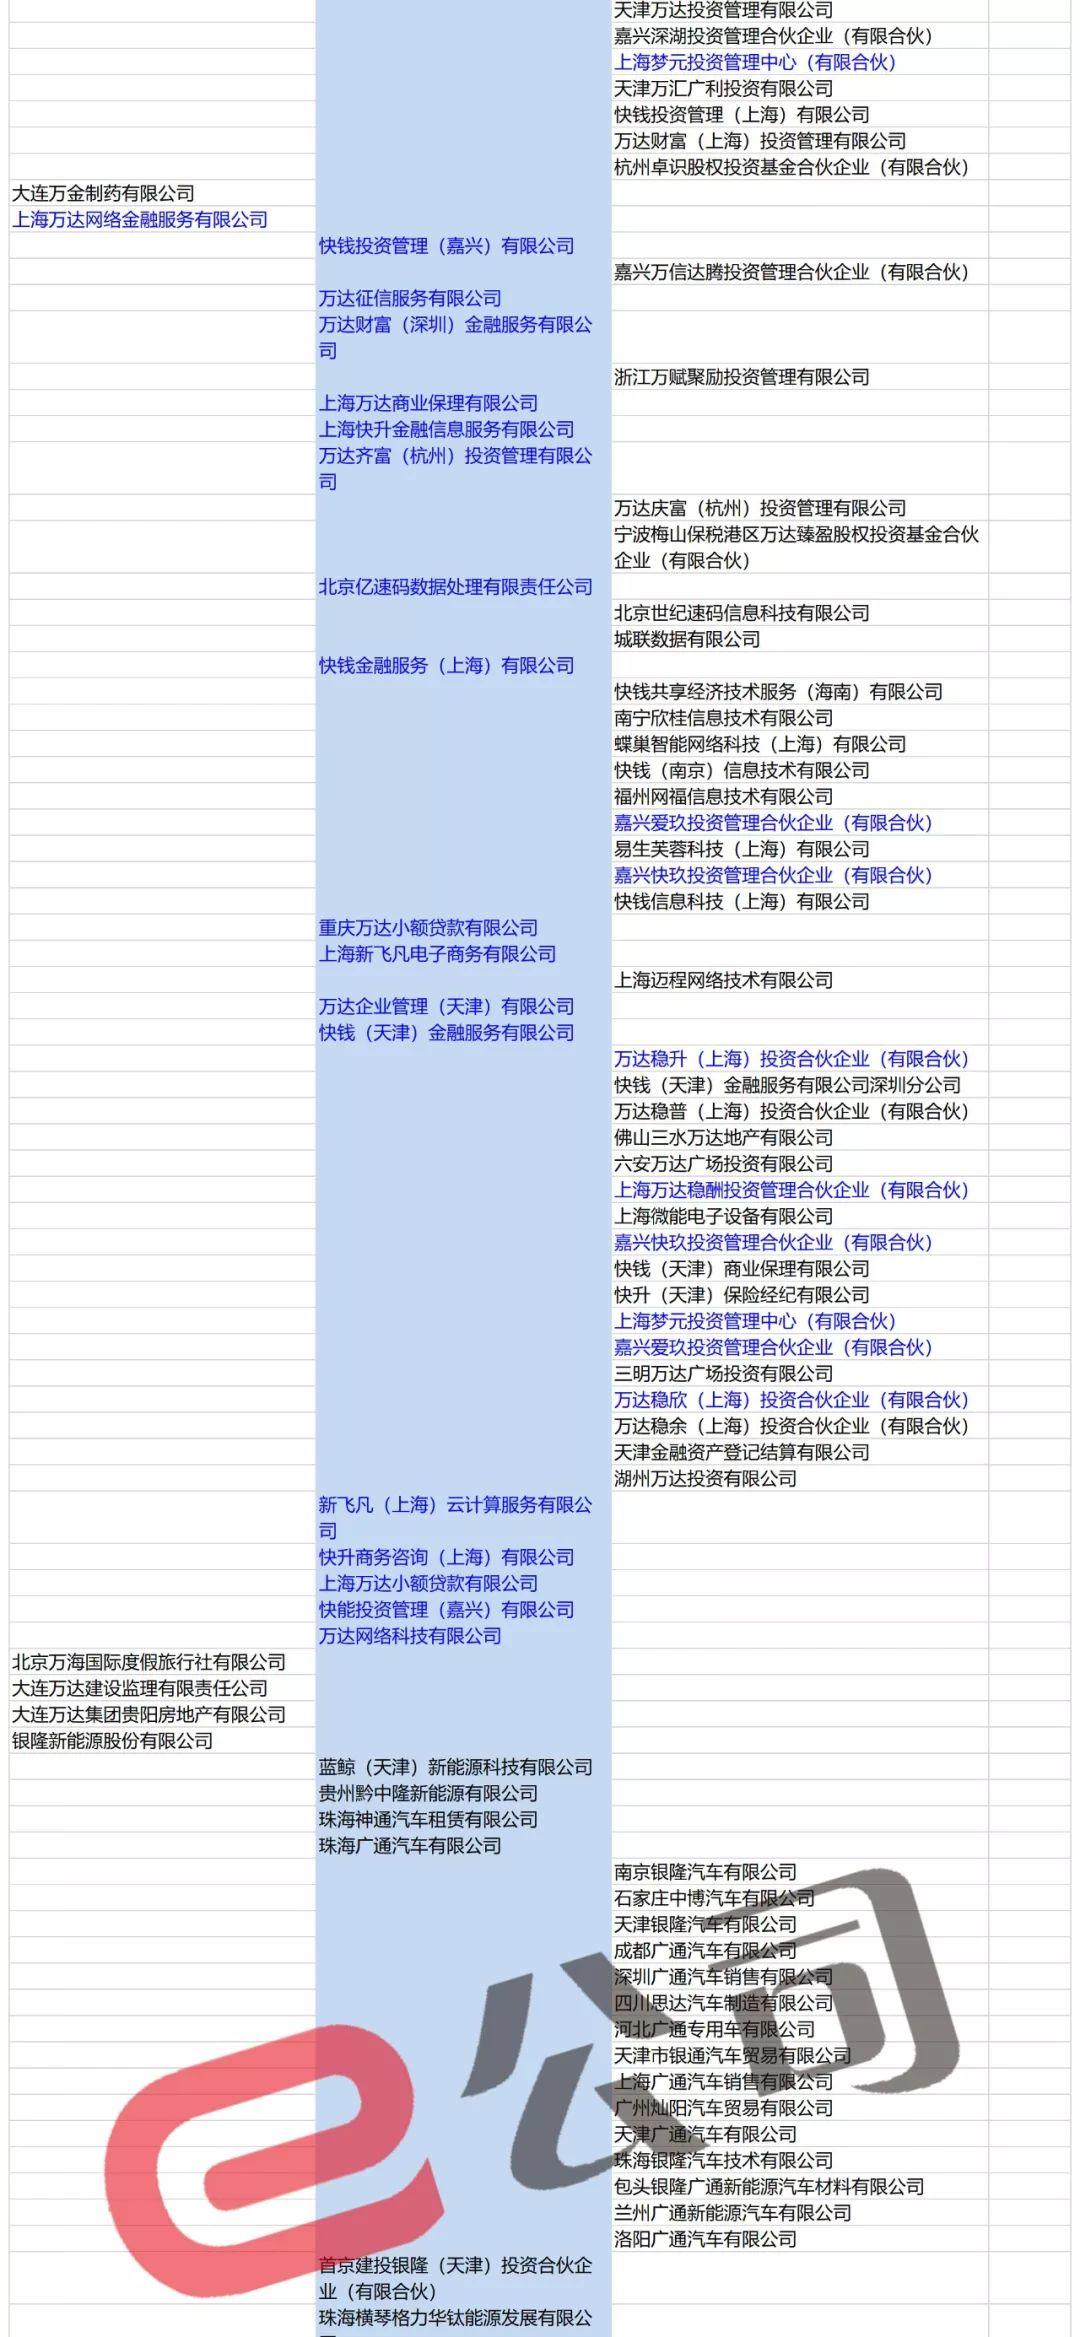 欢迎来到博乐88首页,四川浩物机电股份有限公司关于下属子公司日常关联交易预计的公告